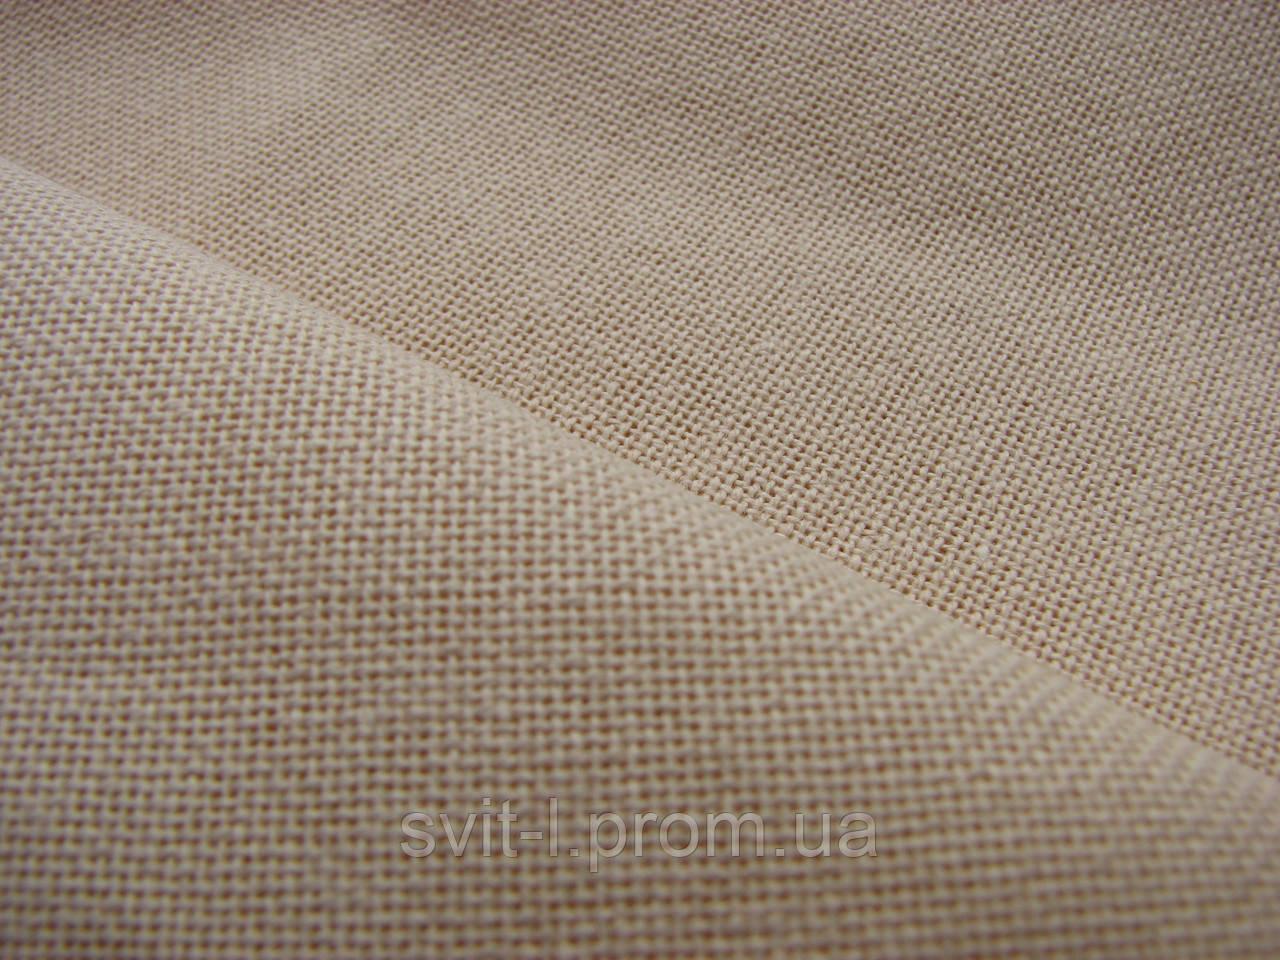 Тканина для вишивання Домініка (бежева)